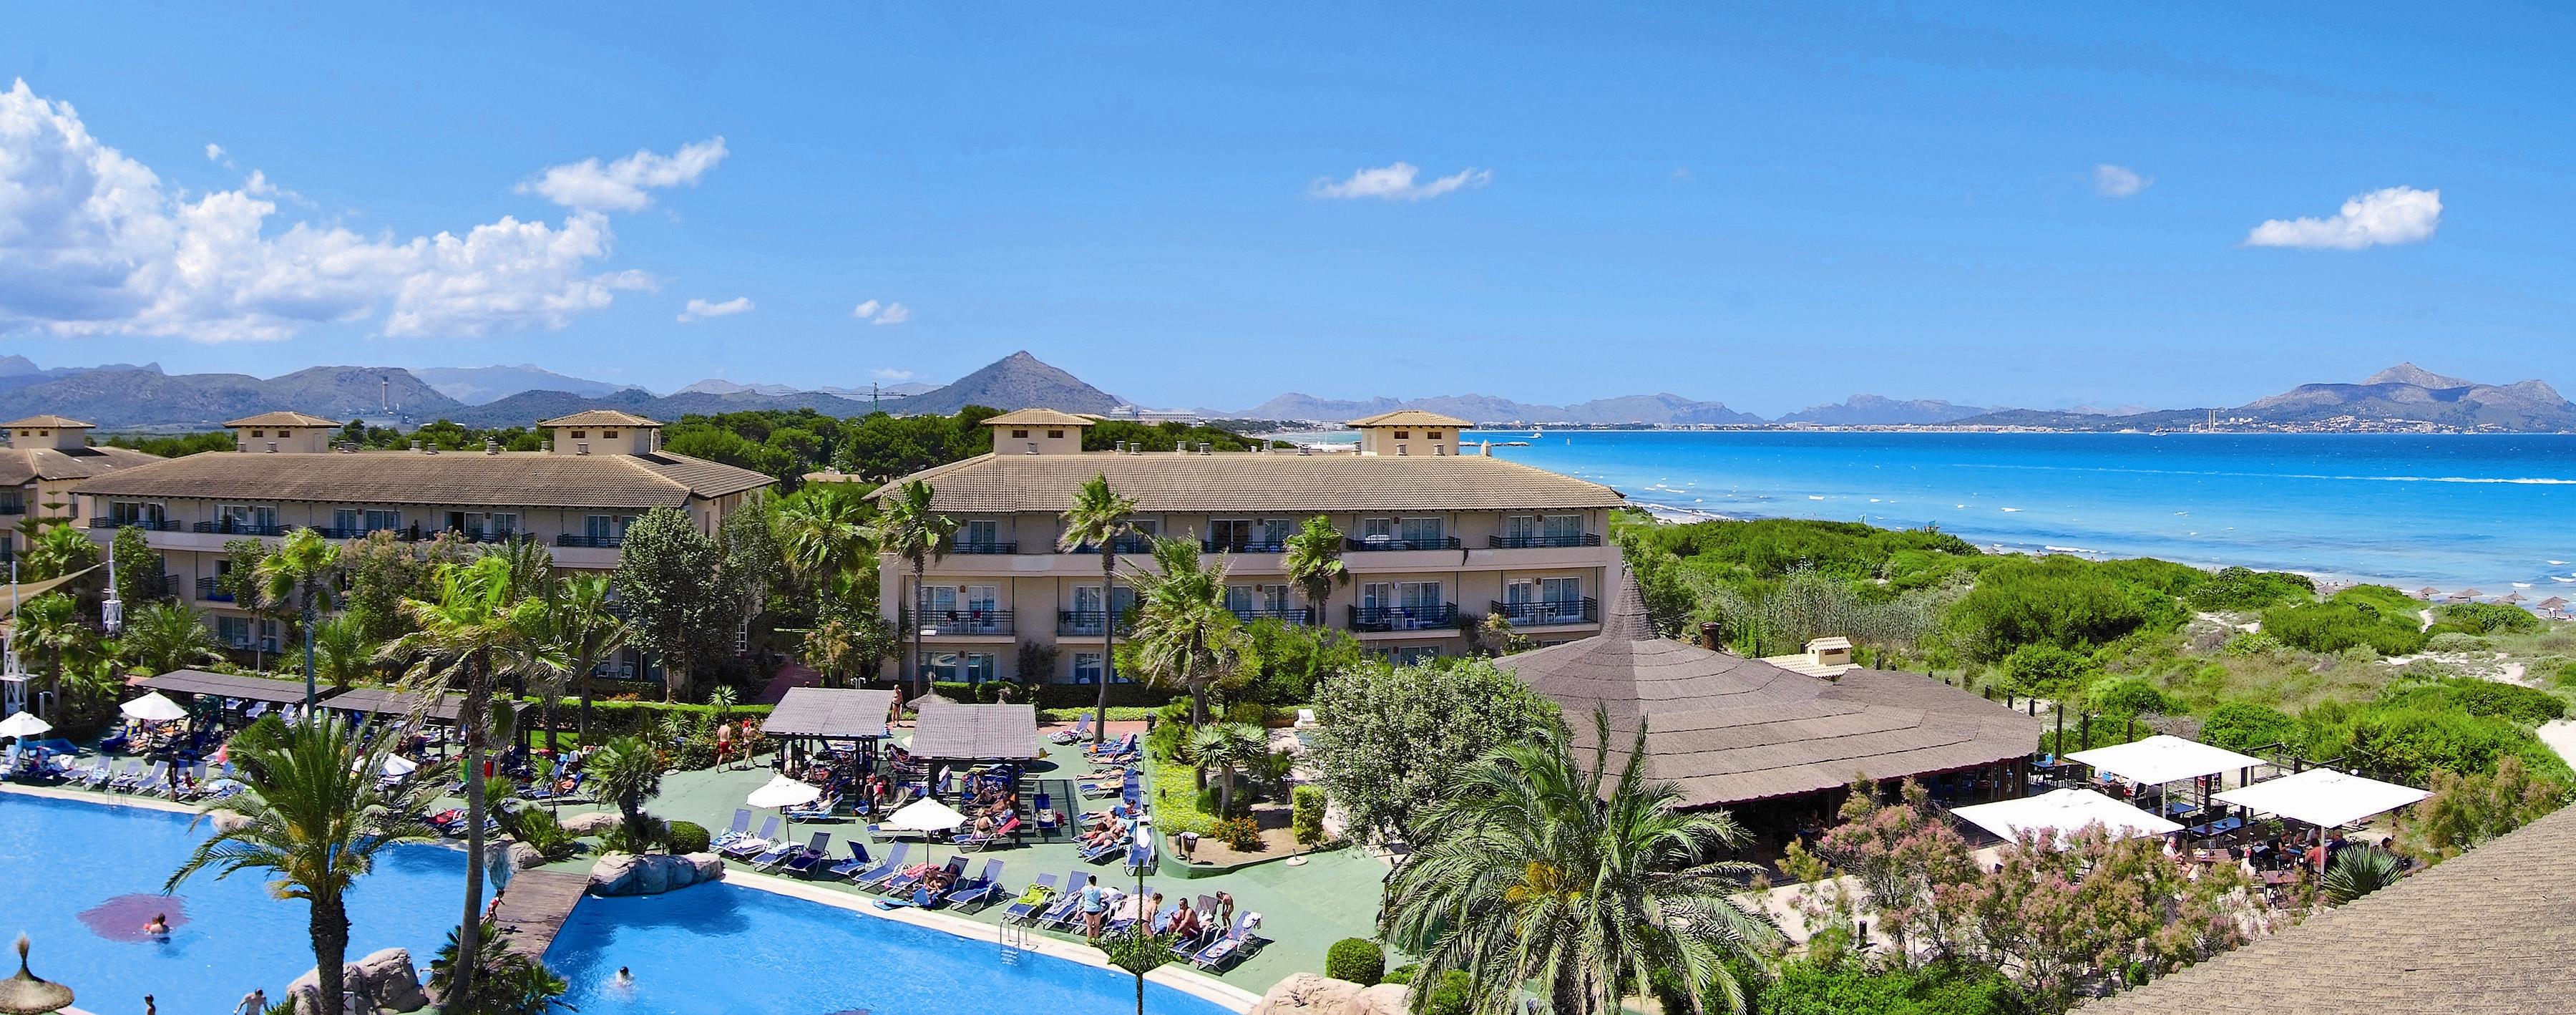 Alltours tochter kauft luxushotel eden playa in bester for Design hotels auf mallorca